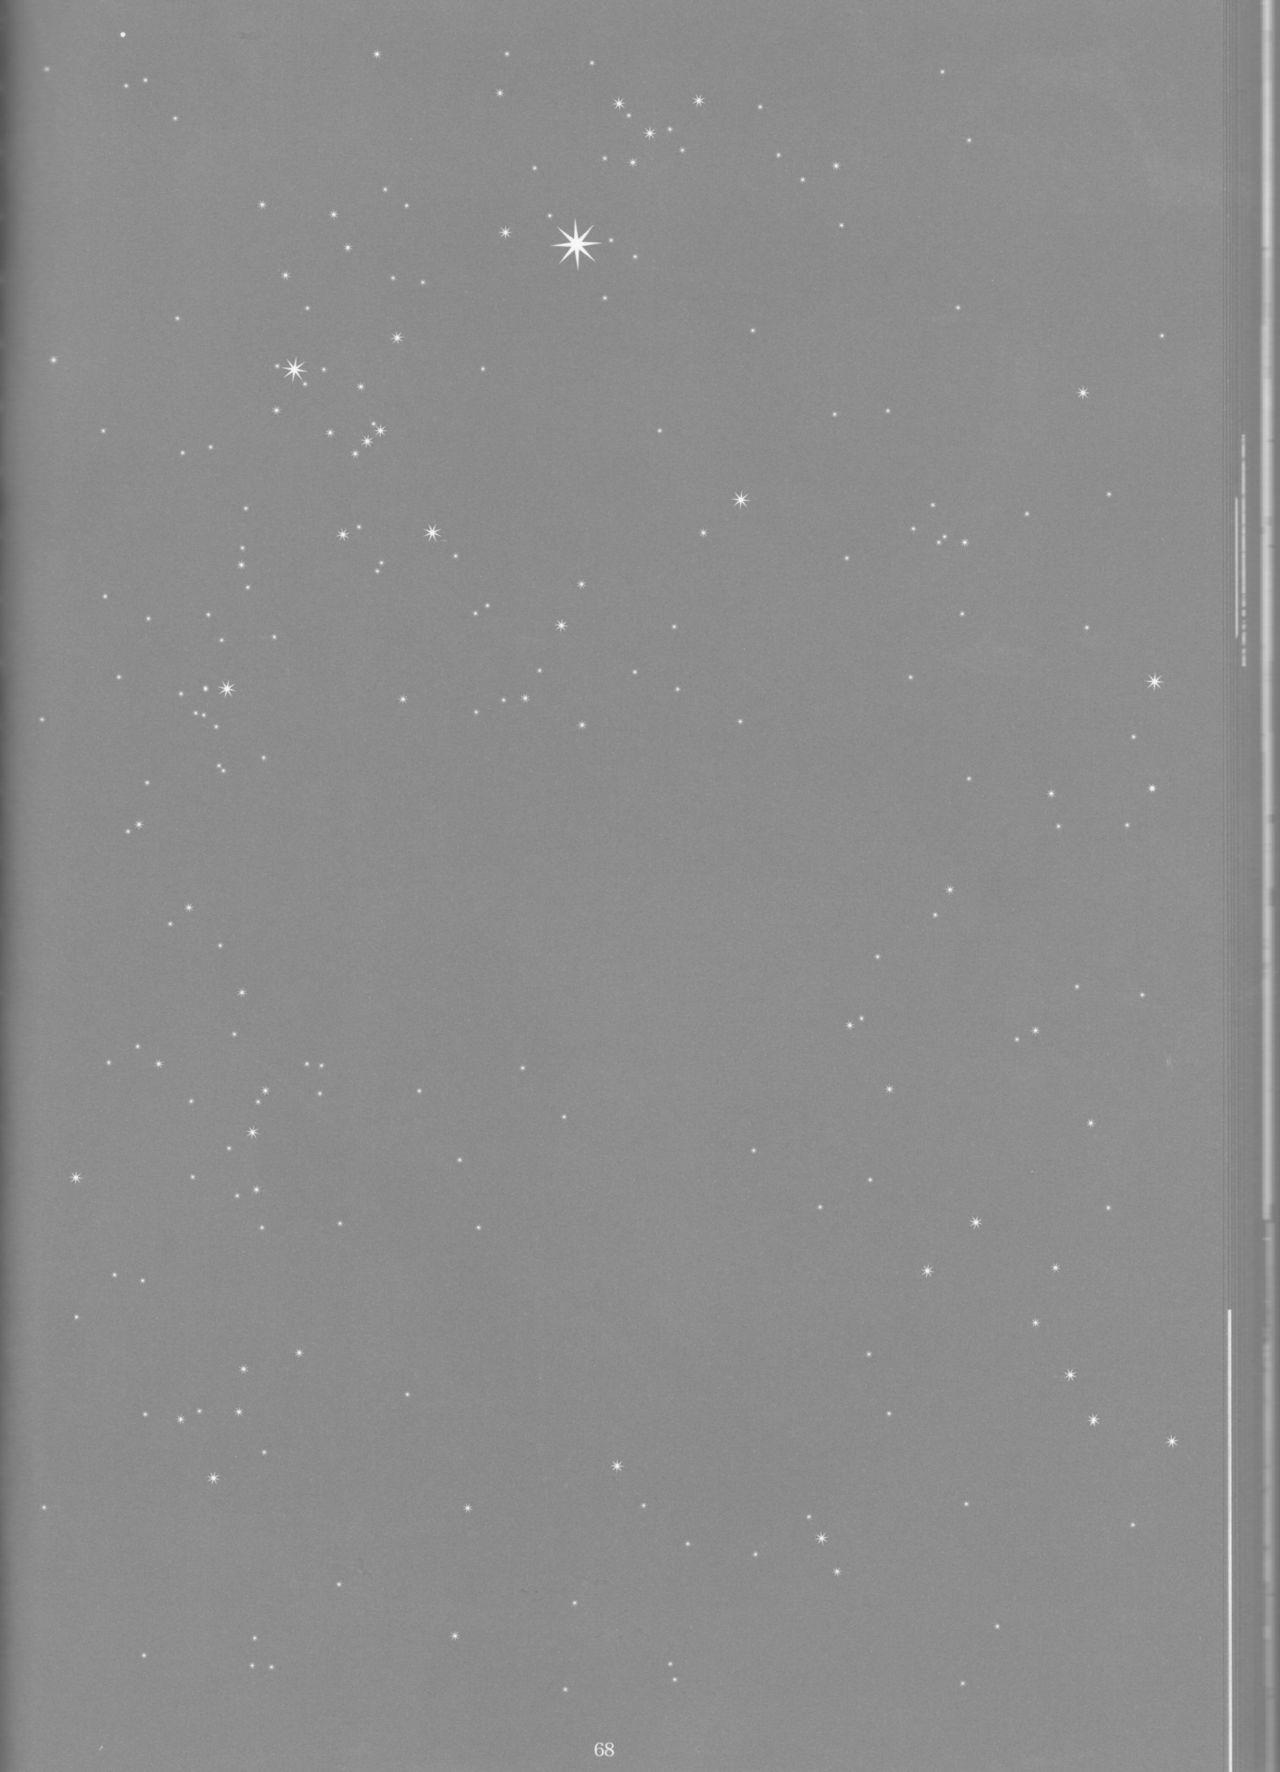 Toge hikari no navu~igātoria book 2(blue exorcist] 66